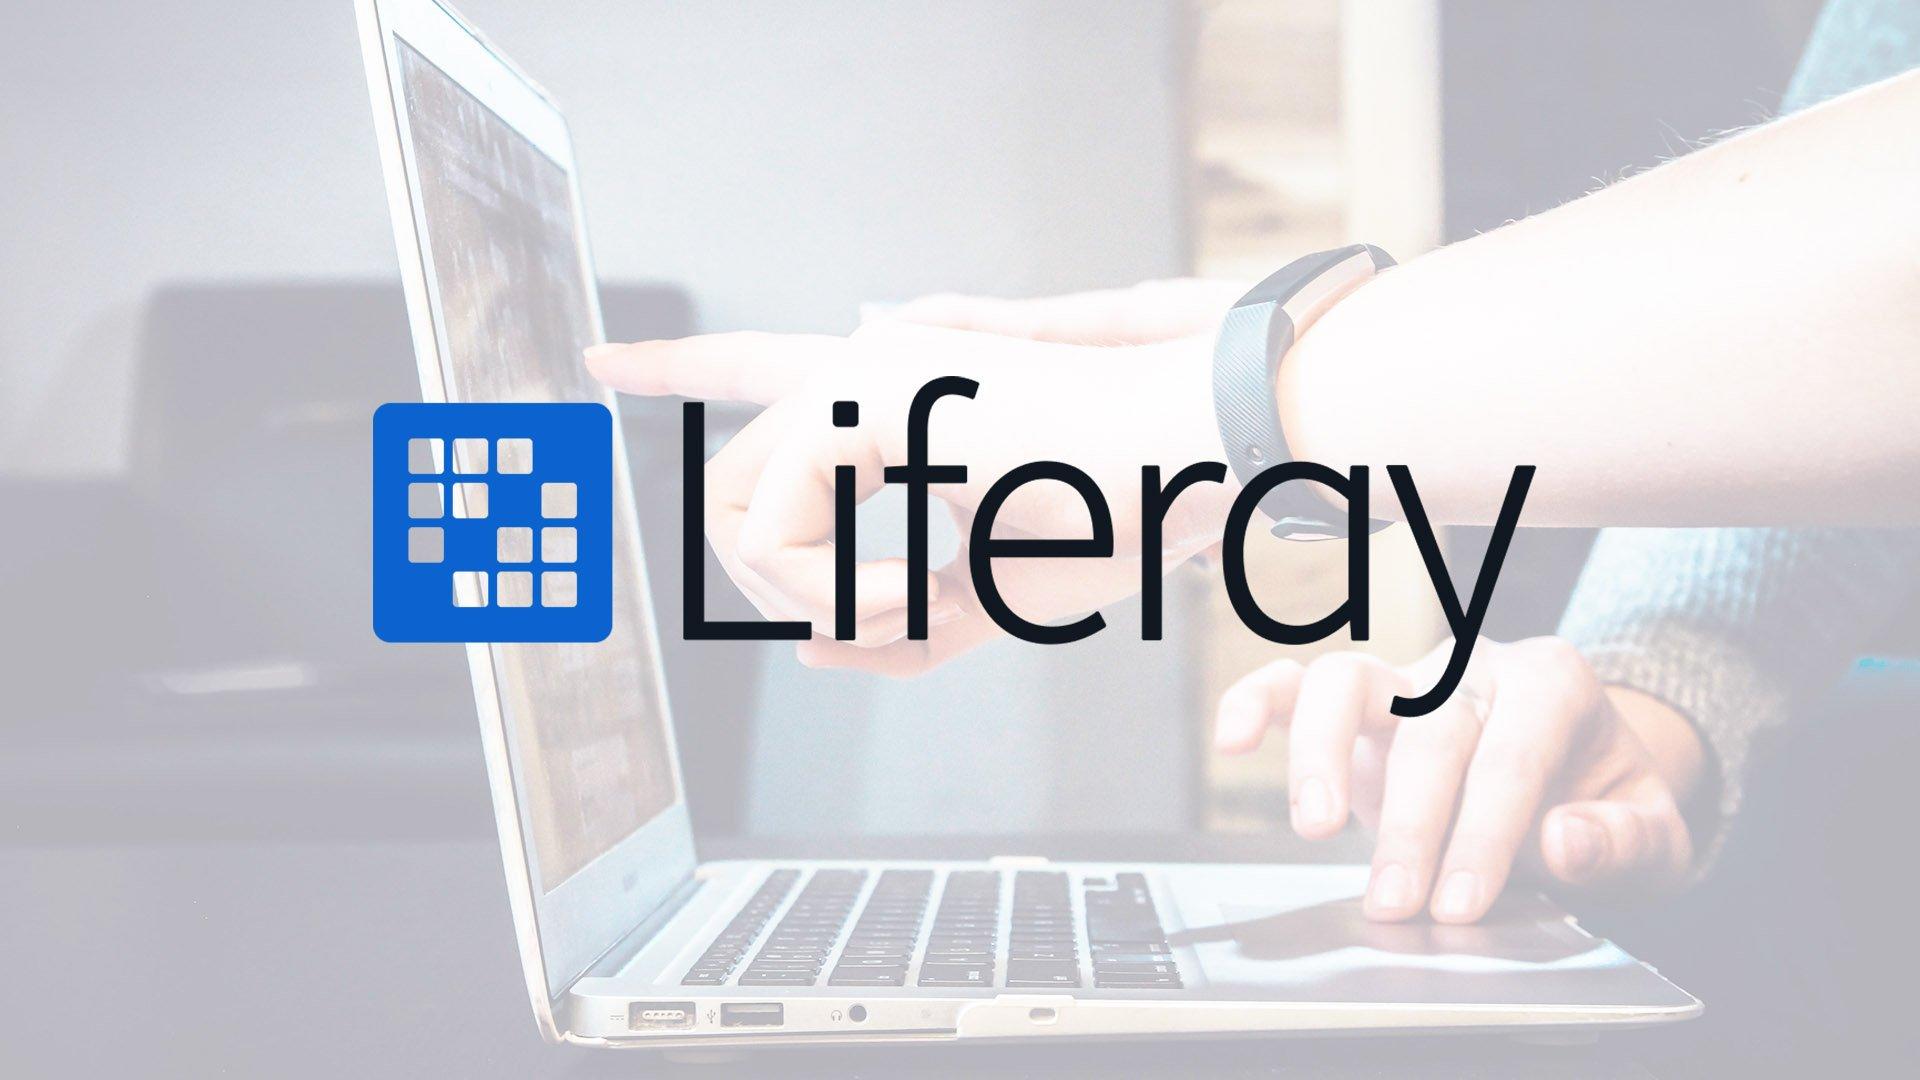 Liferay_cosa_è_perché_dovrebbe_interessare_utilities